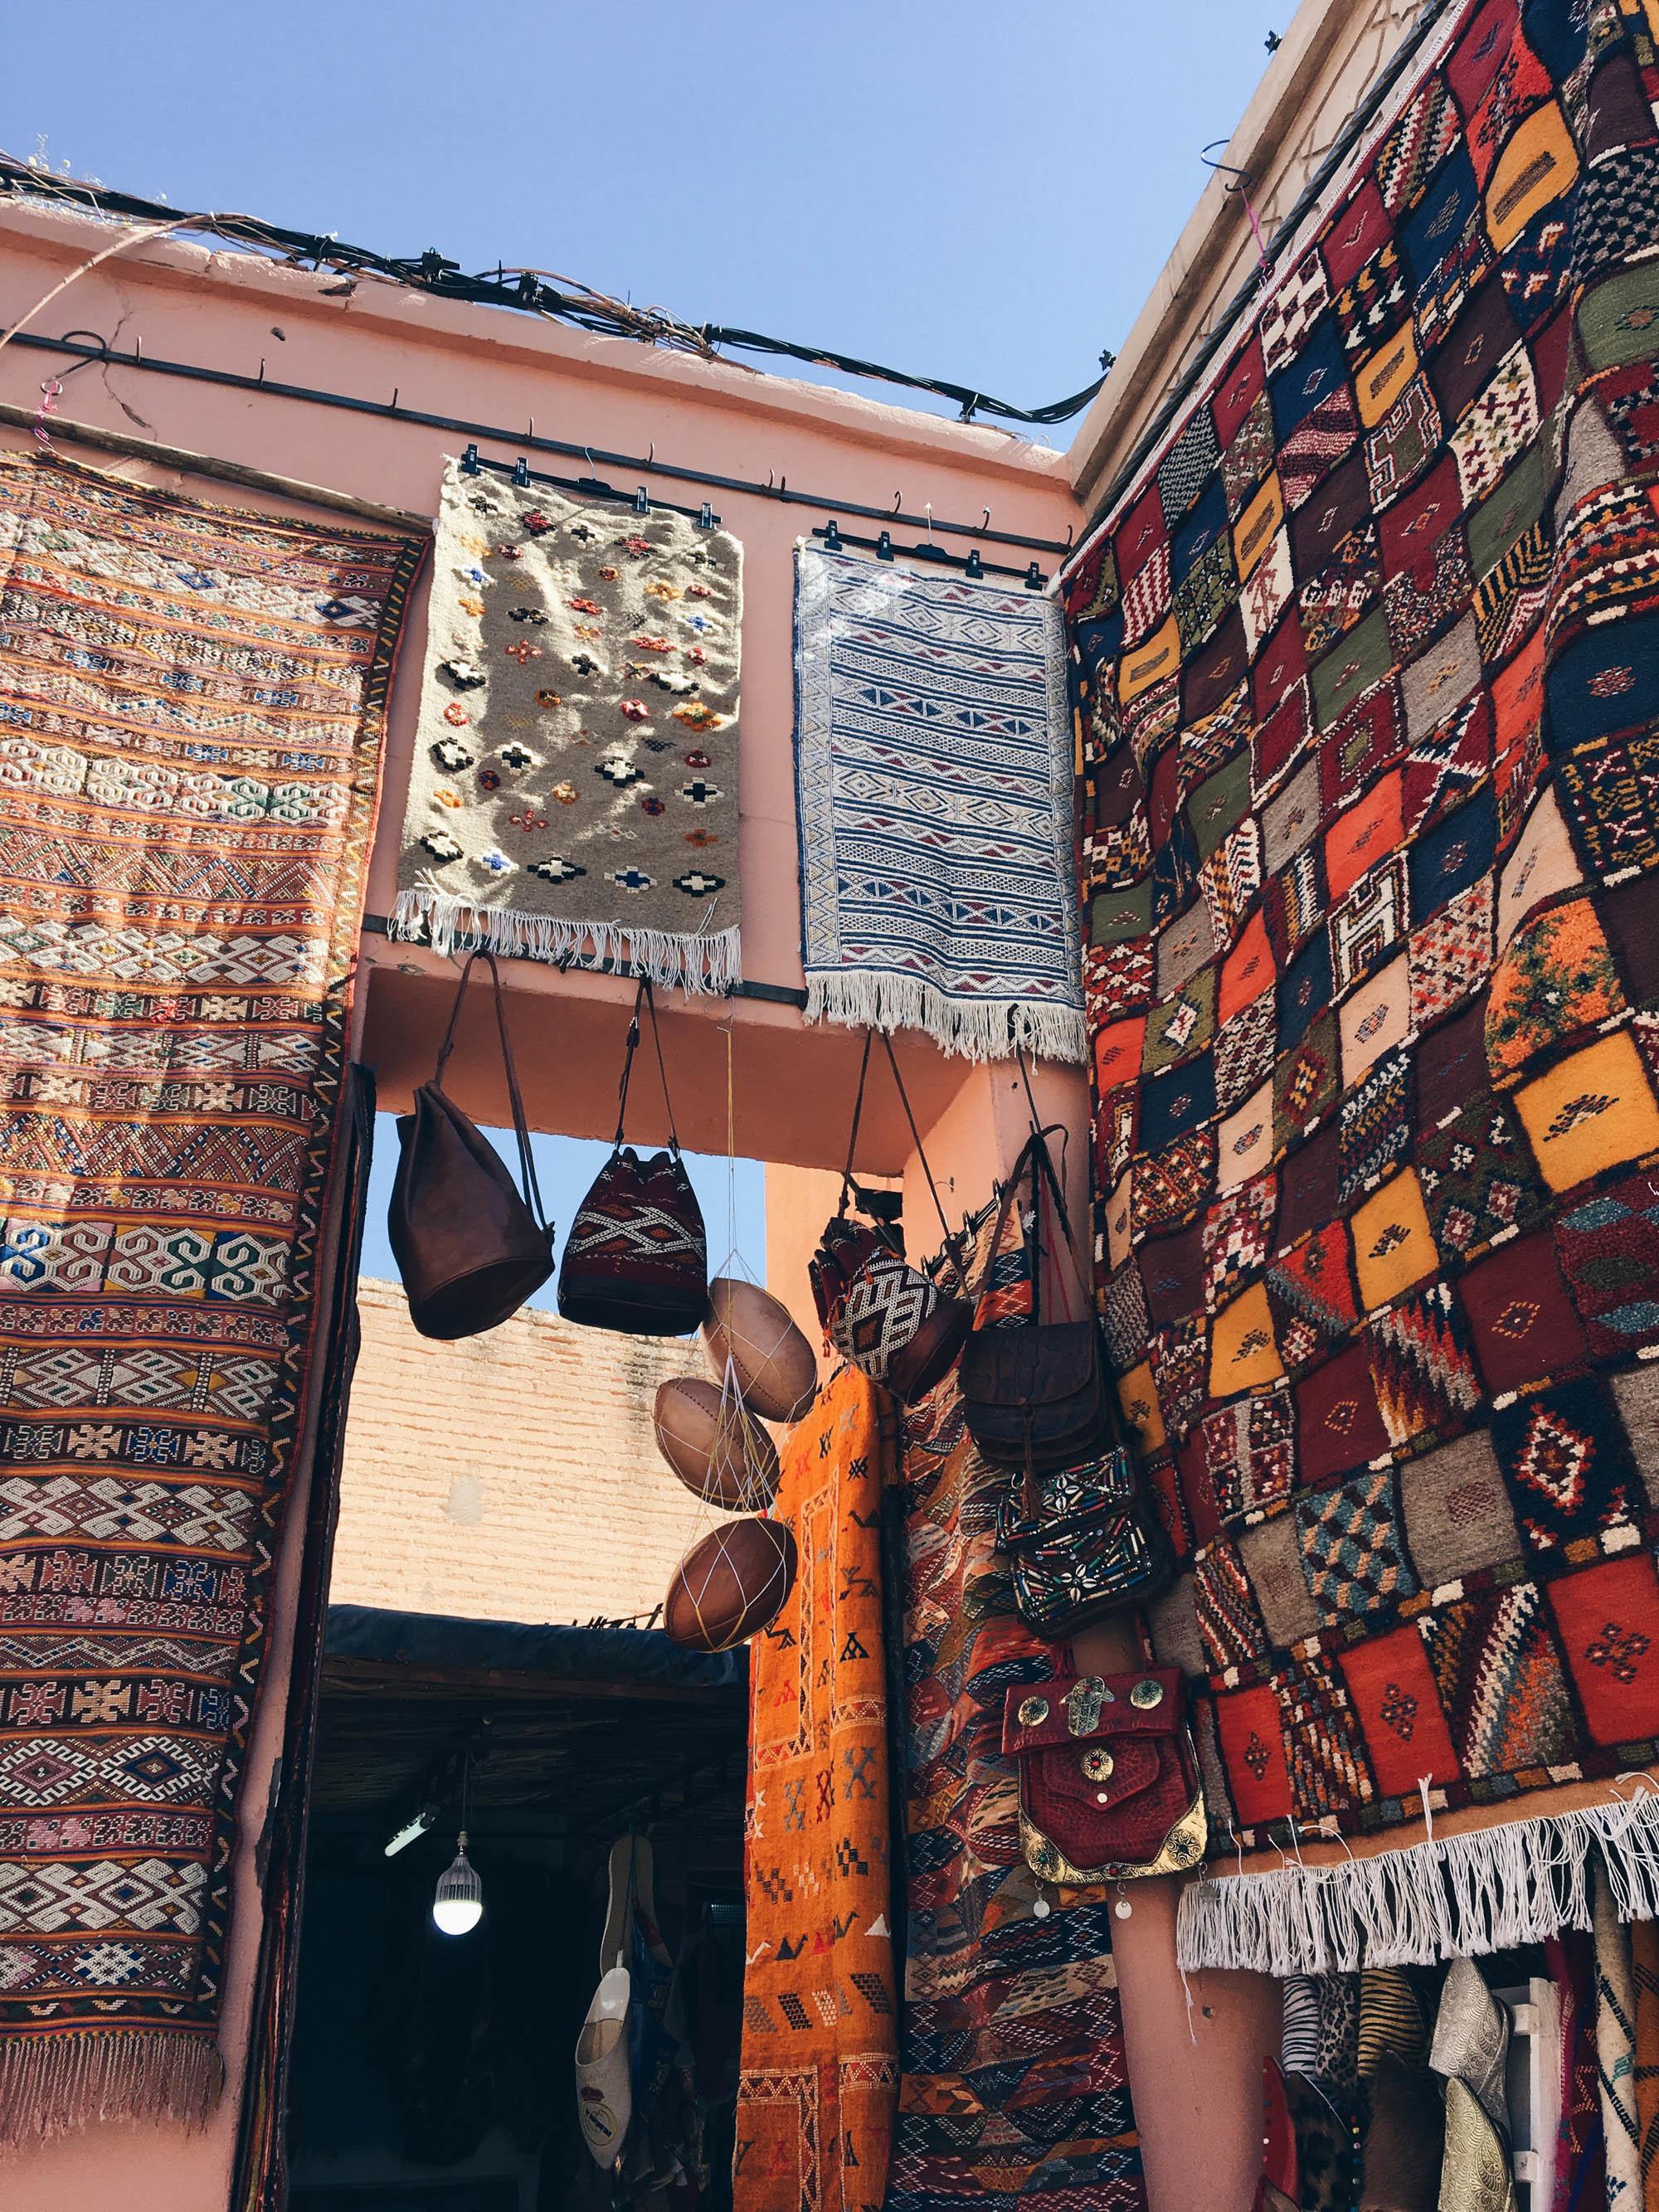 Alformbaras de marruecos